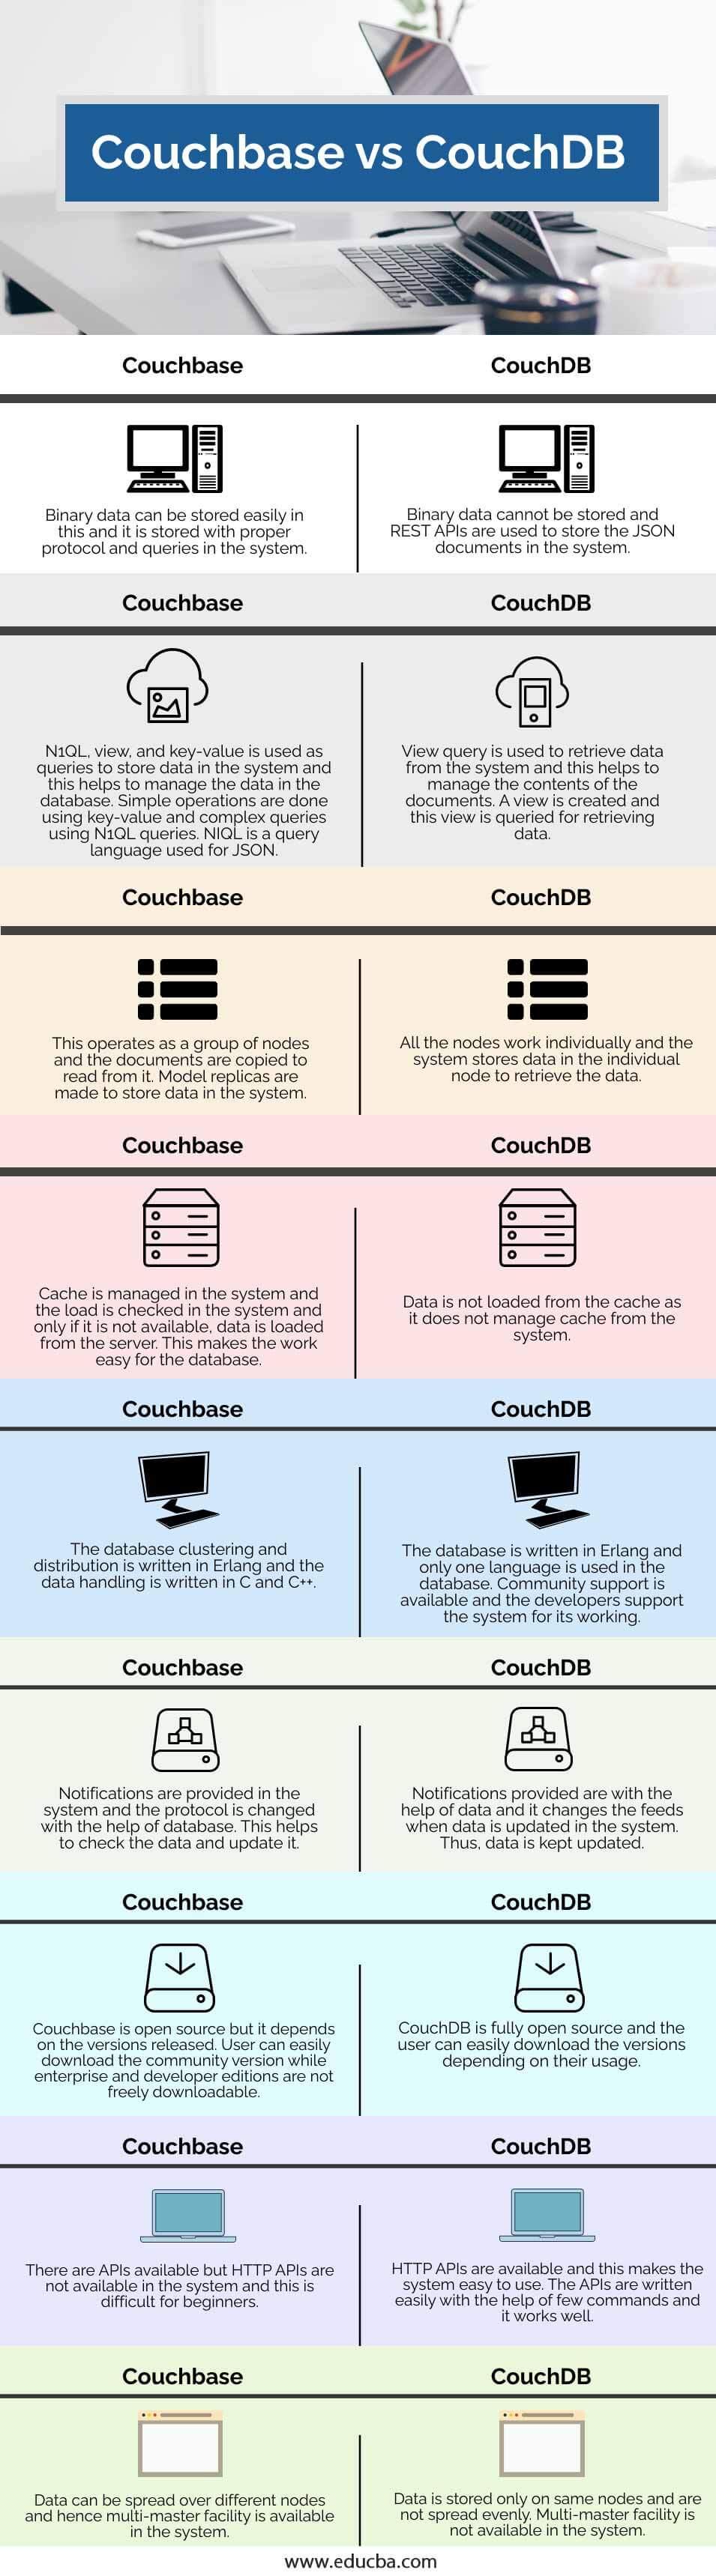 Couchbase-vs-CouchDB-info